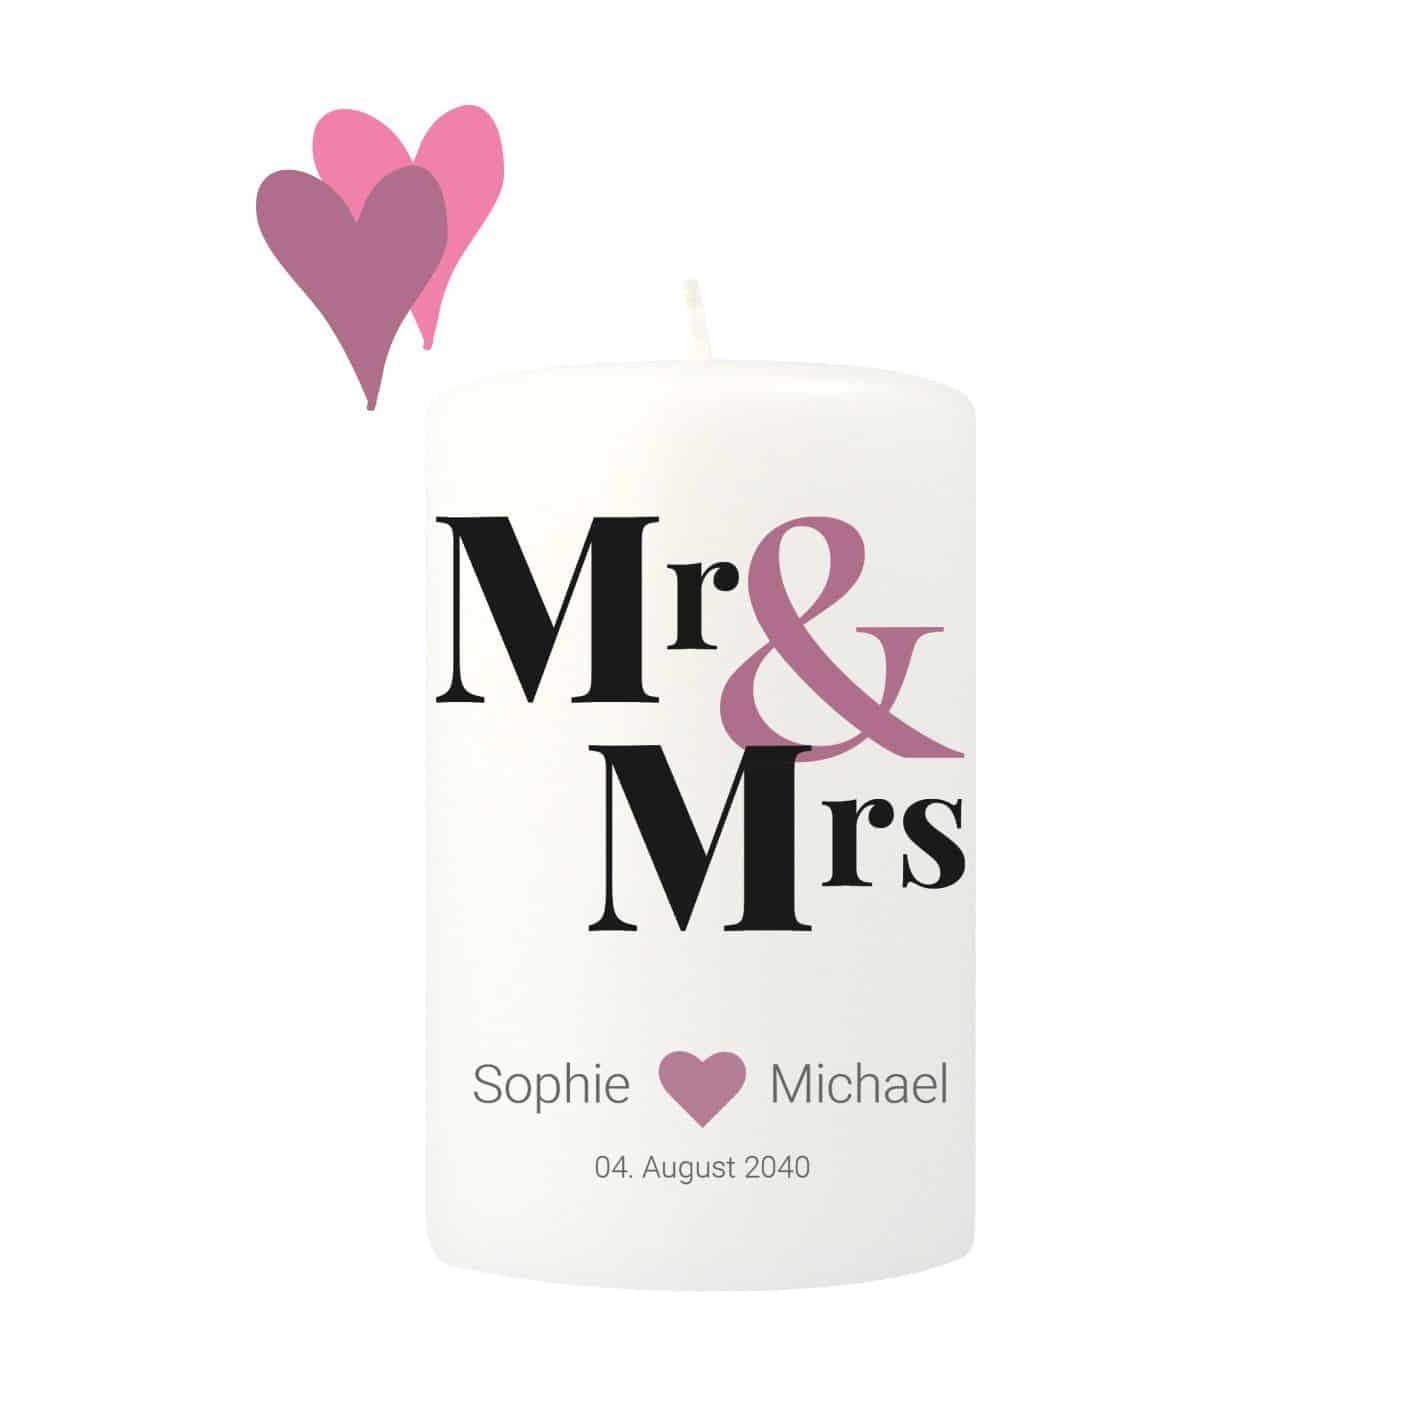 Tischkerze zum Selbstgestalten beschriftet mit den Worten Mr & Mrs